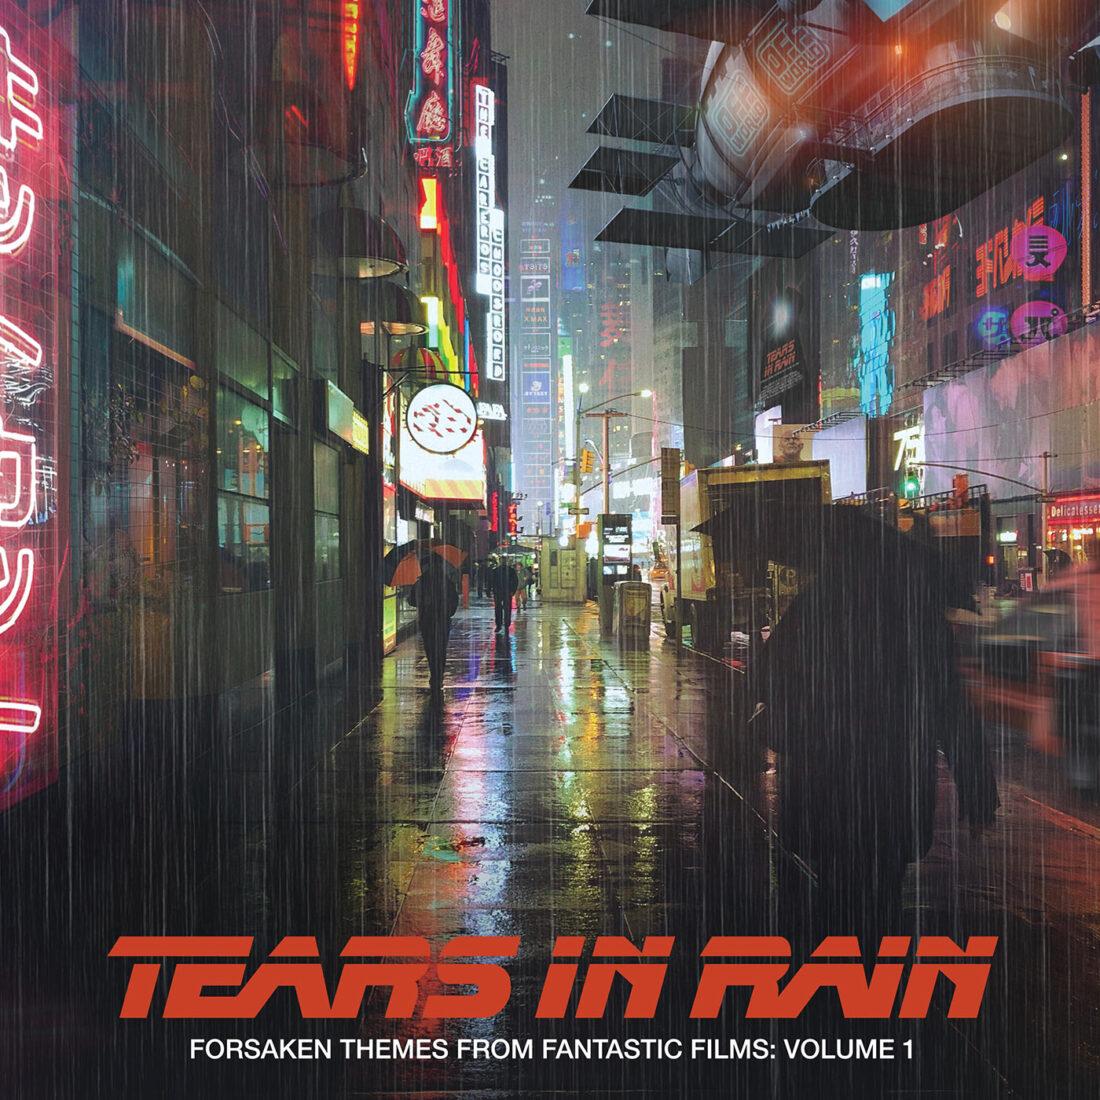 Tears In Rain: Forsaken Themes from Fantastic Films Volume 1 (Unreleased Soundtrack Music from Blade Runner, Hellraiser + More)